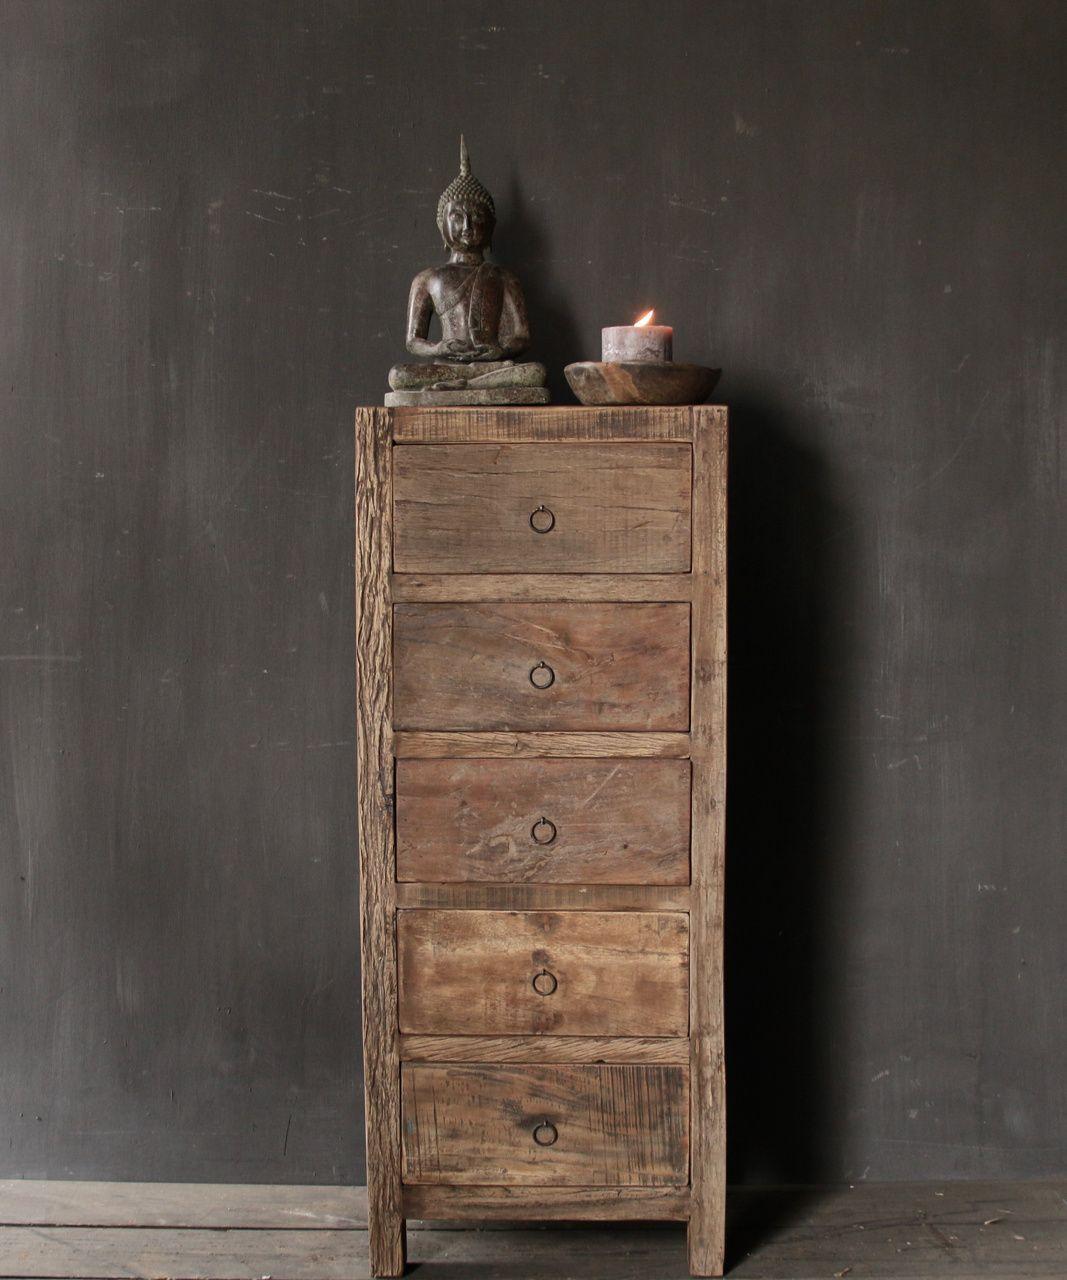 Betere Oud houten kastje ,nachtkastje,landelijk kastje, hoffz kastje GU-66